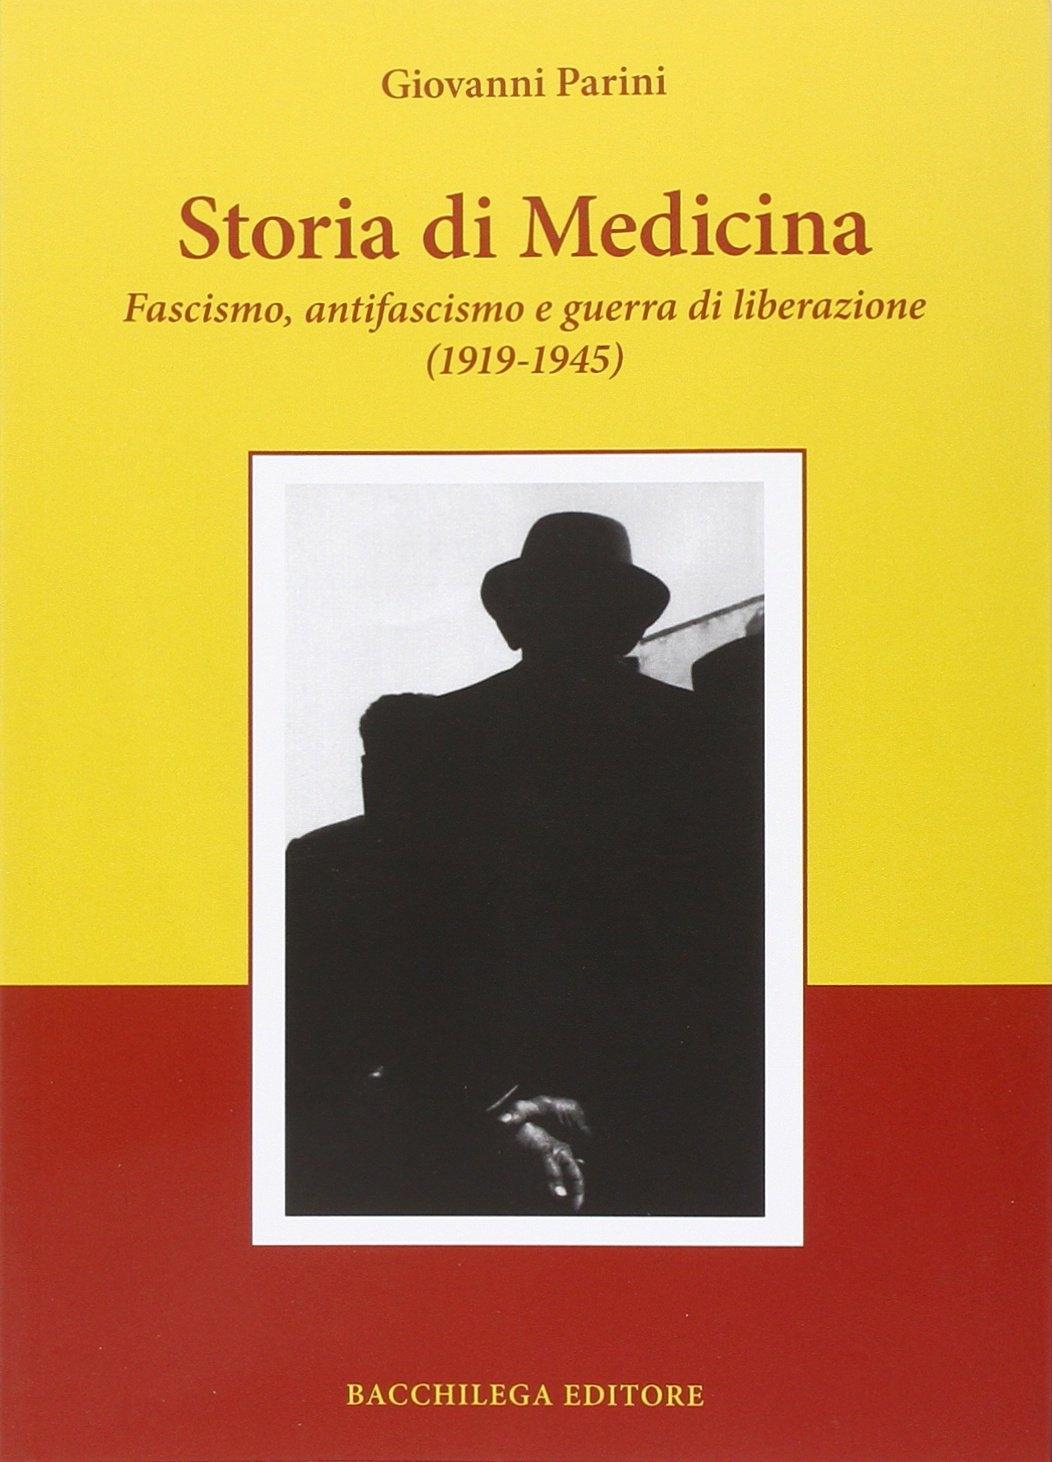 Storia di medicina (1919-1945)